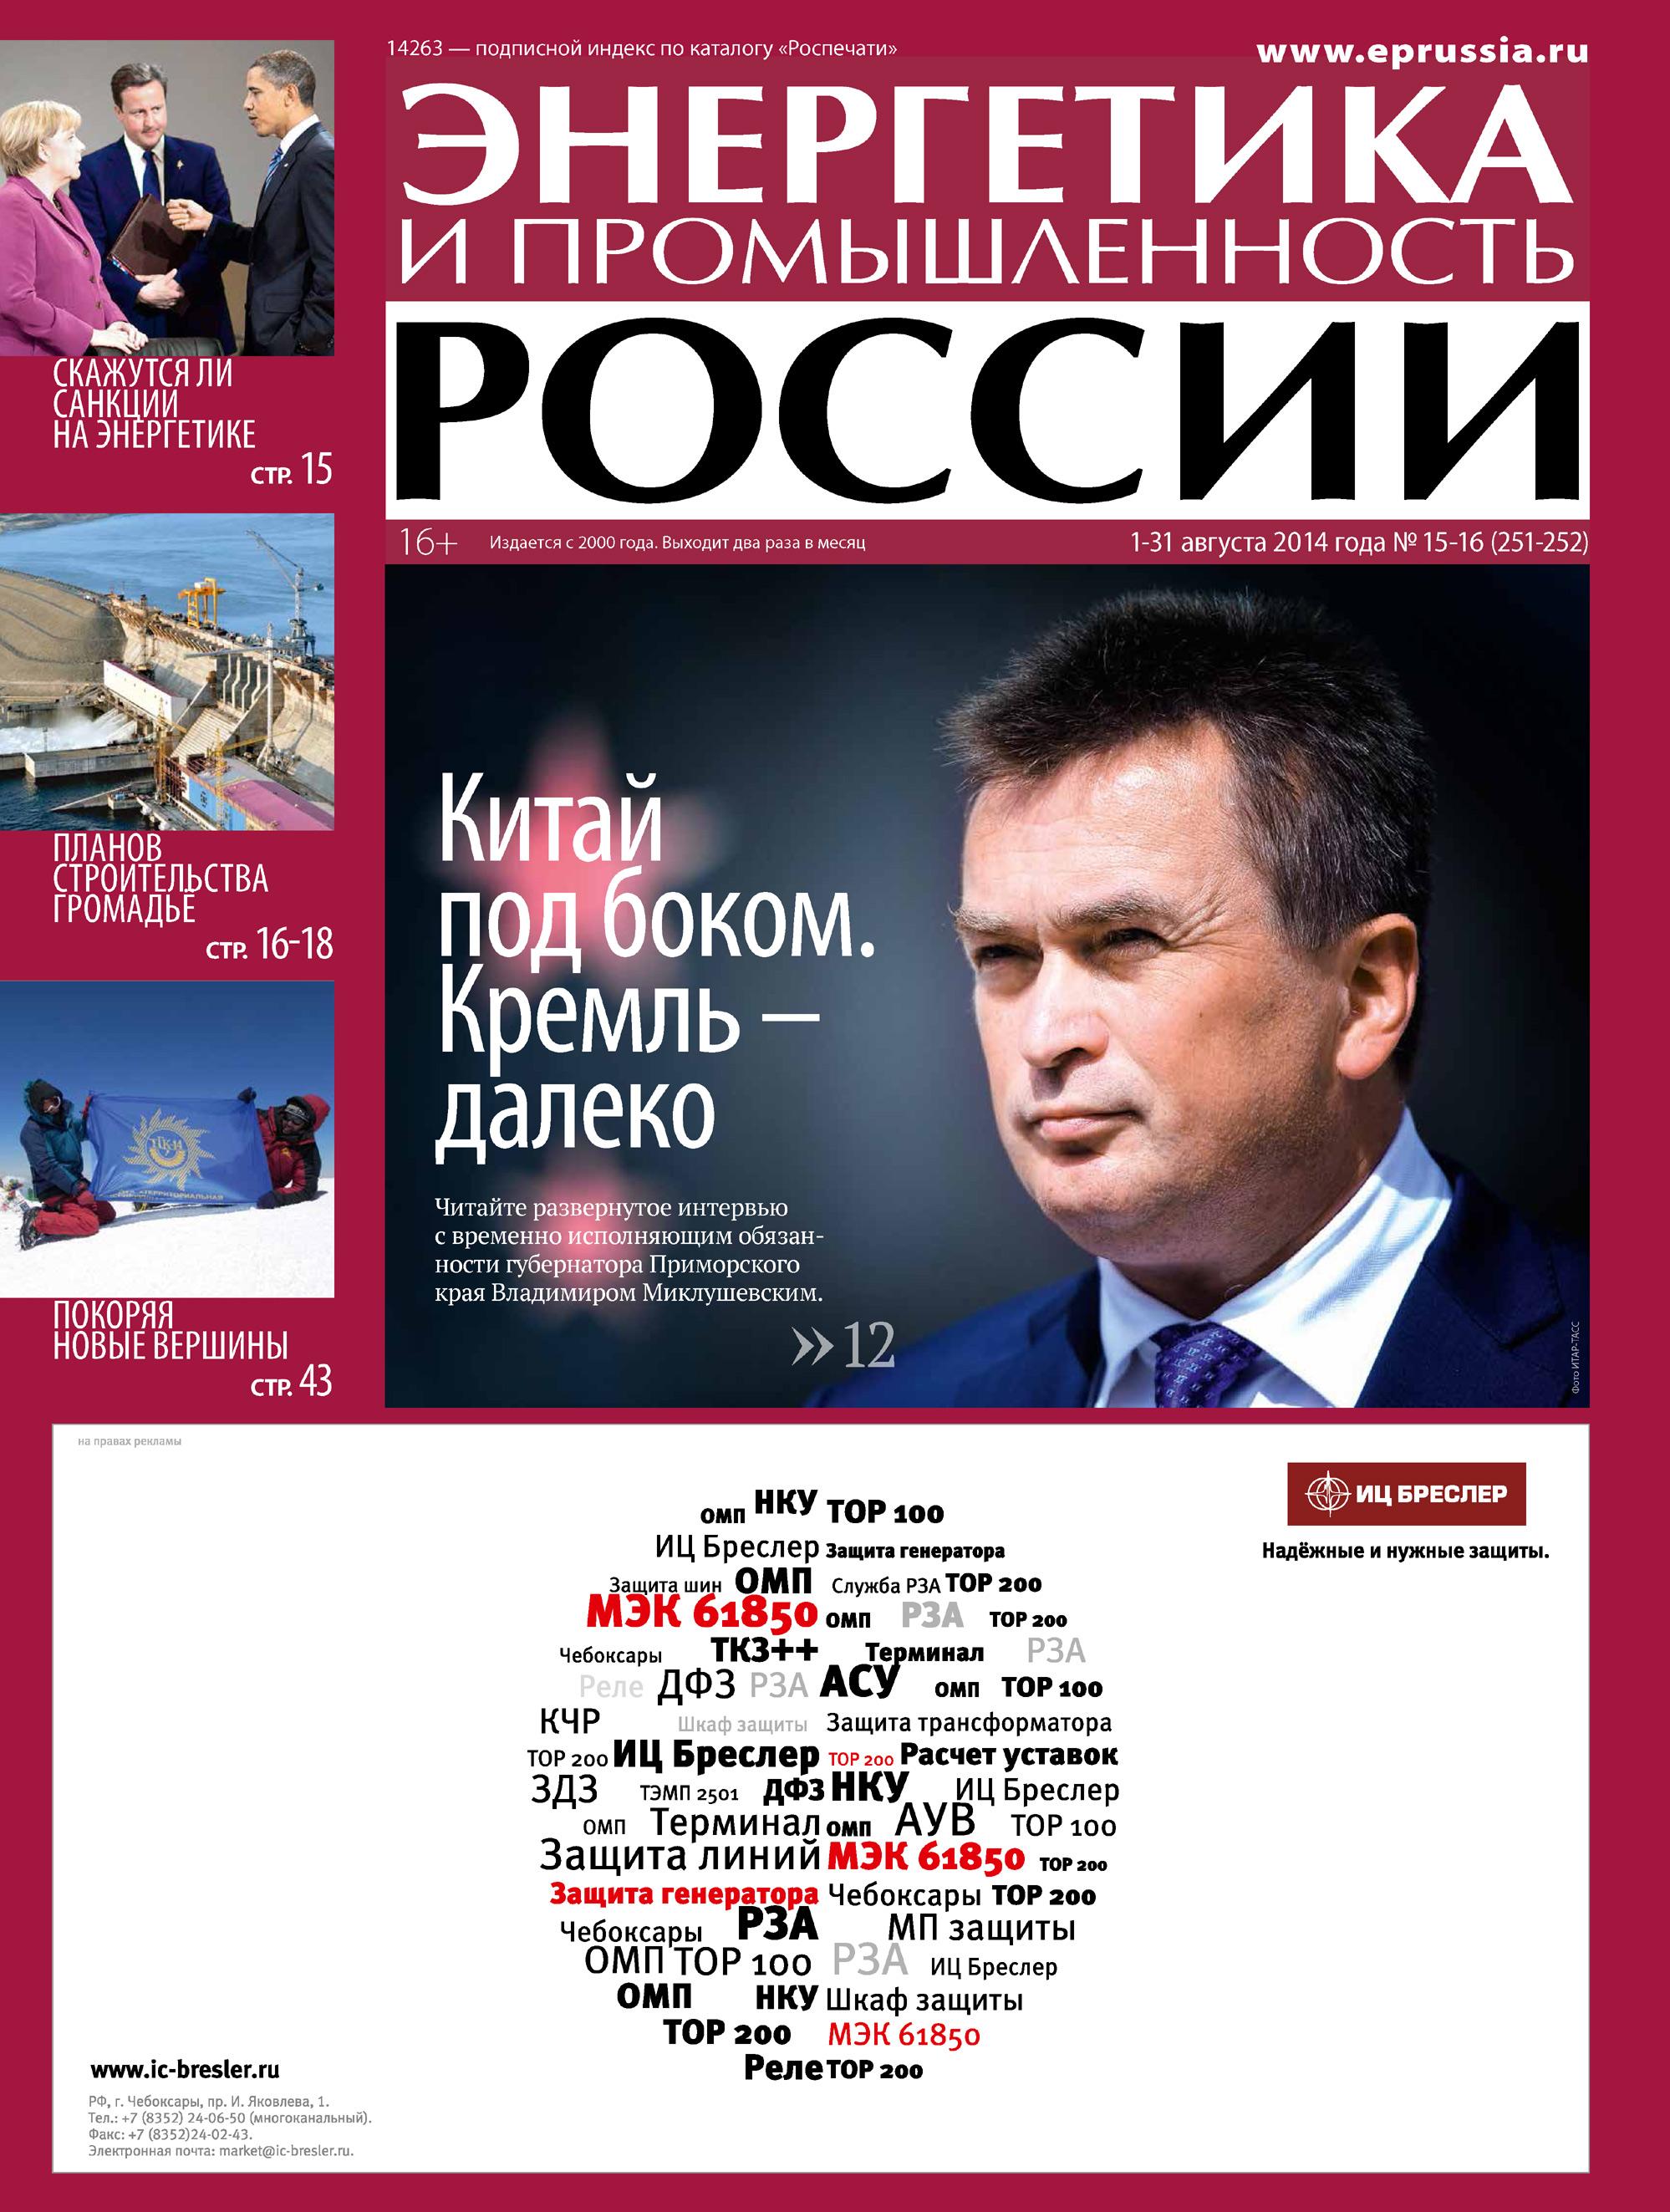 Энергетика и промышленность России №15-16 2014